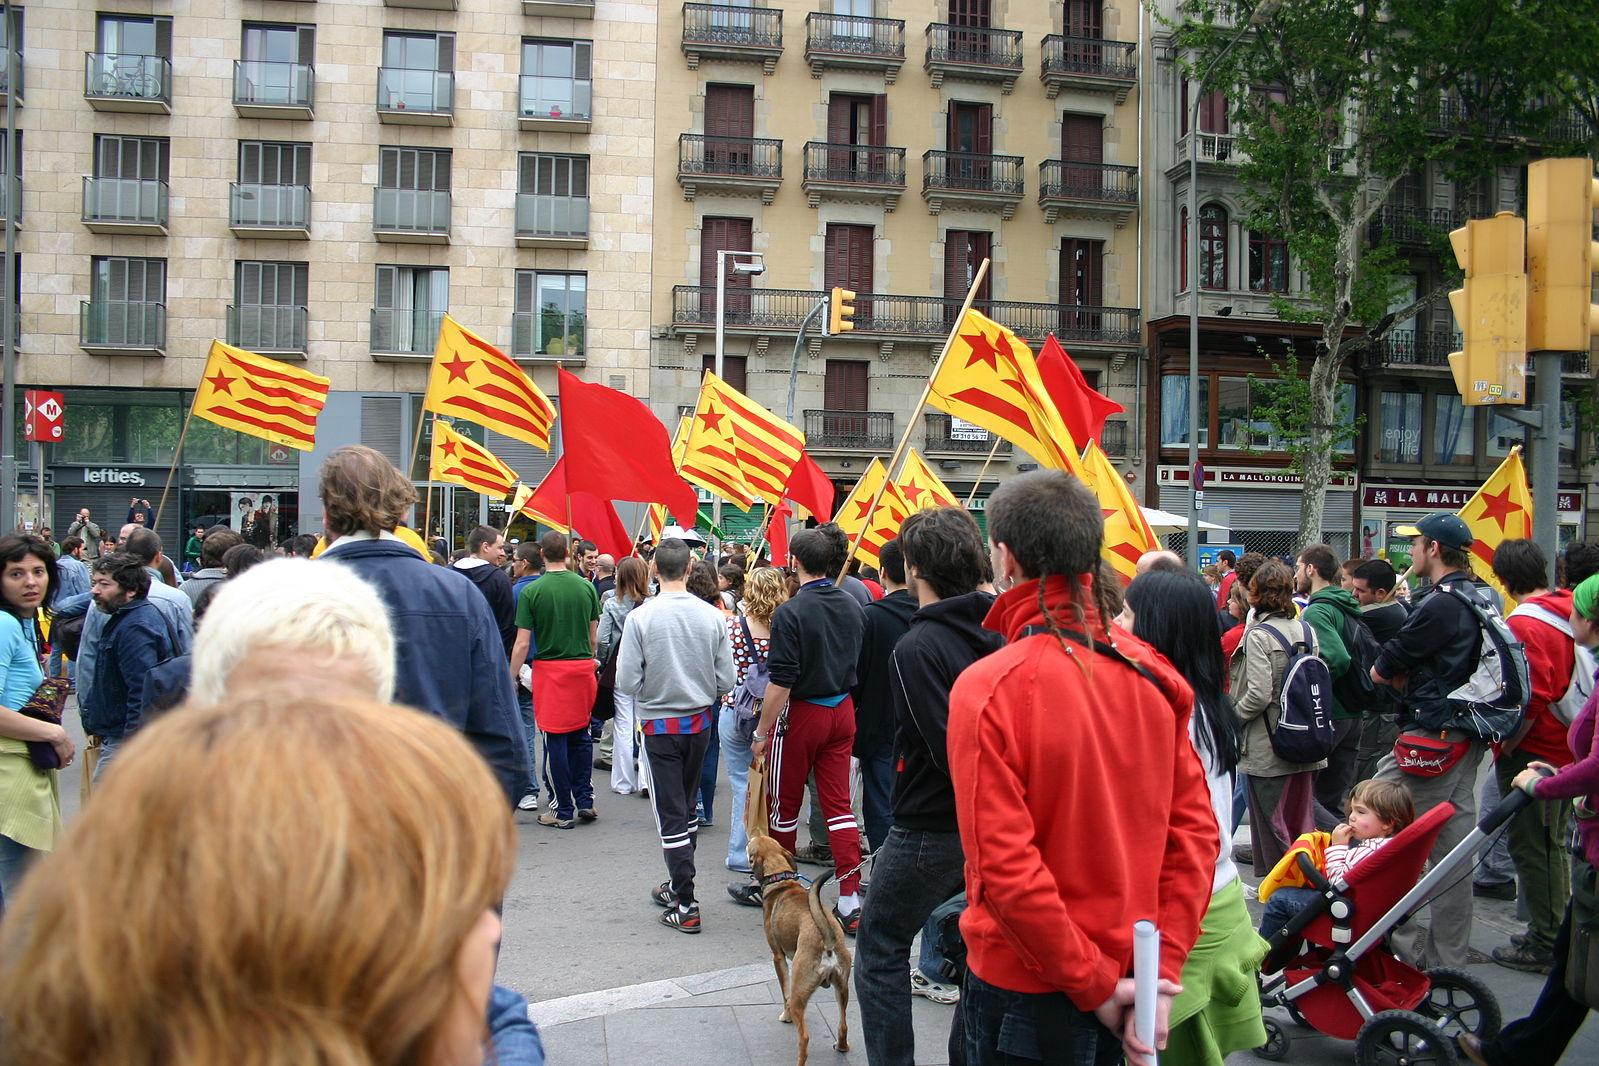 Los nacionalistas catalanes son como cualesquier otros separatistas: se alimentan de la división y la fantasía